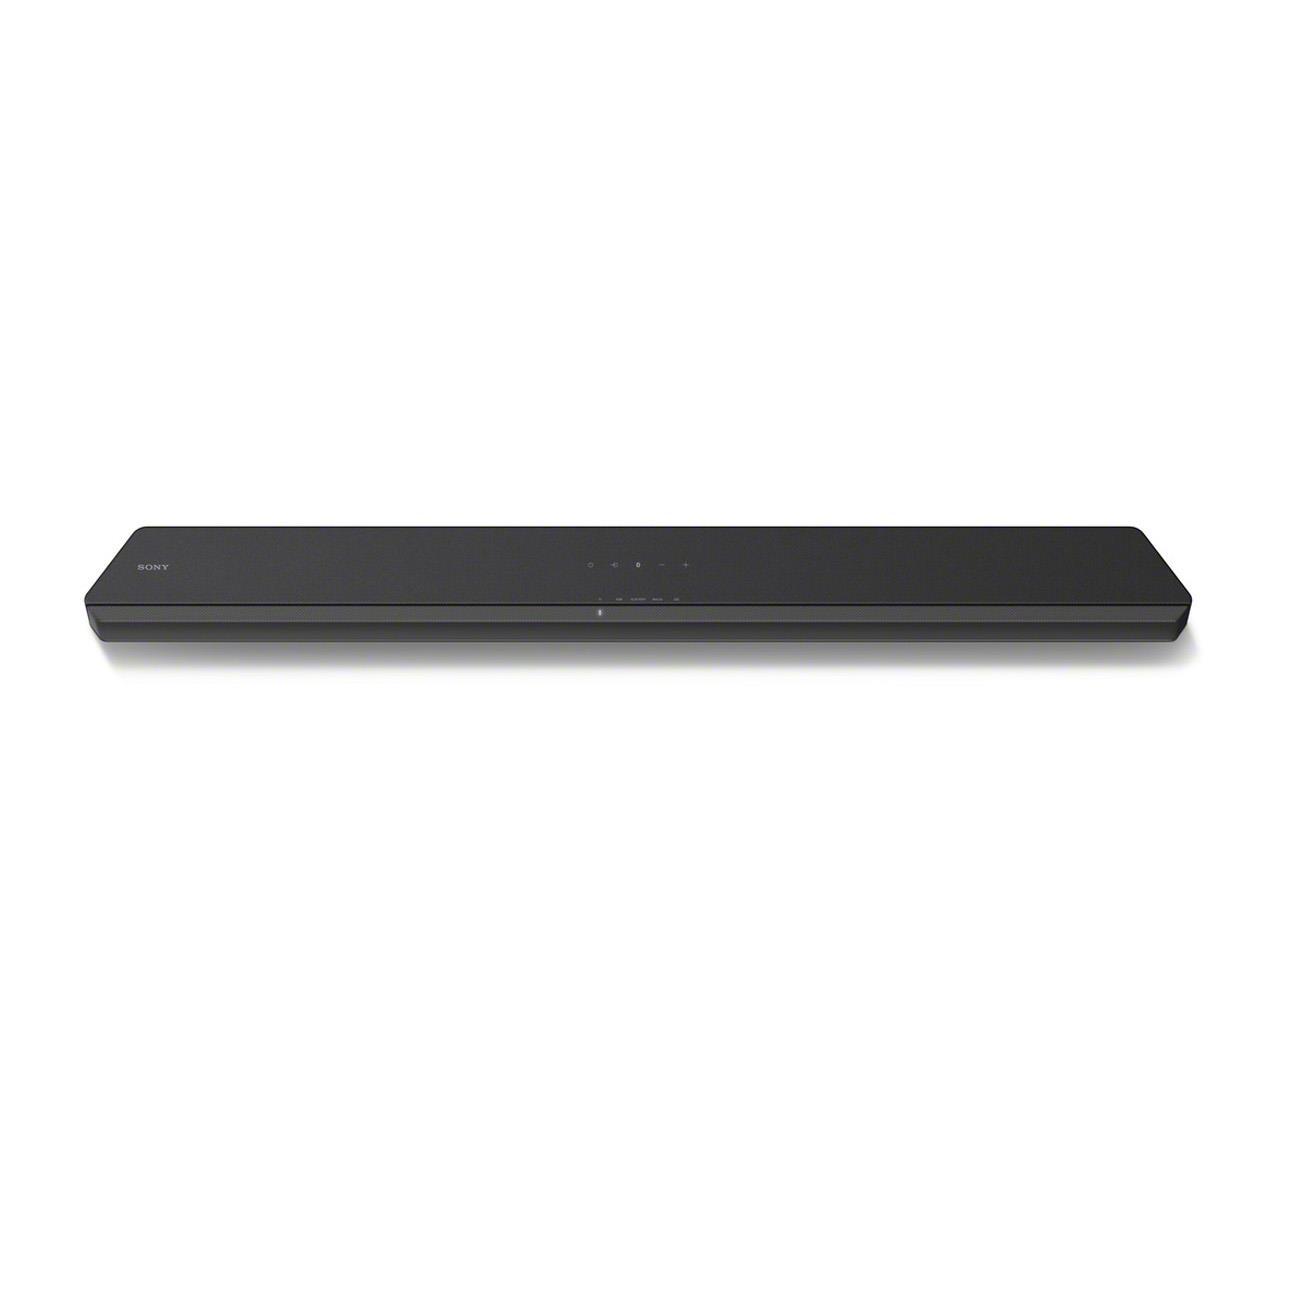 Sevenoaks Sound And Vision Sony Ht Xf9000 Dolby Atmos